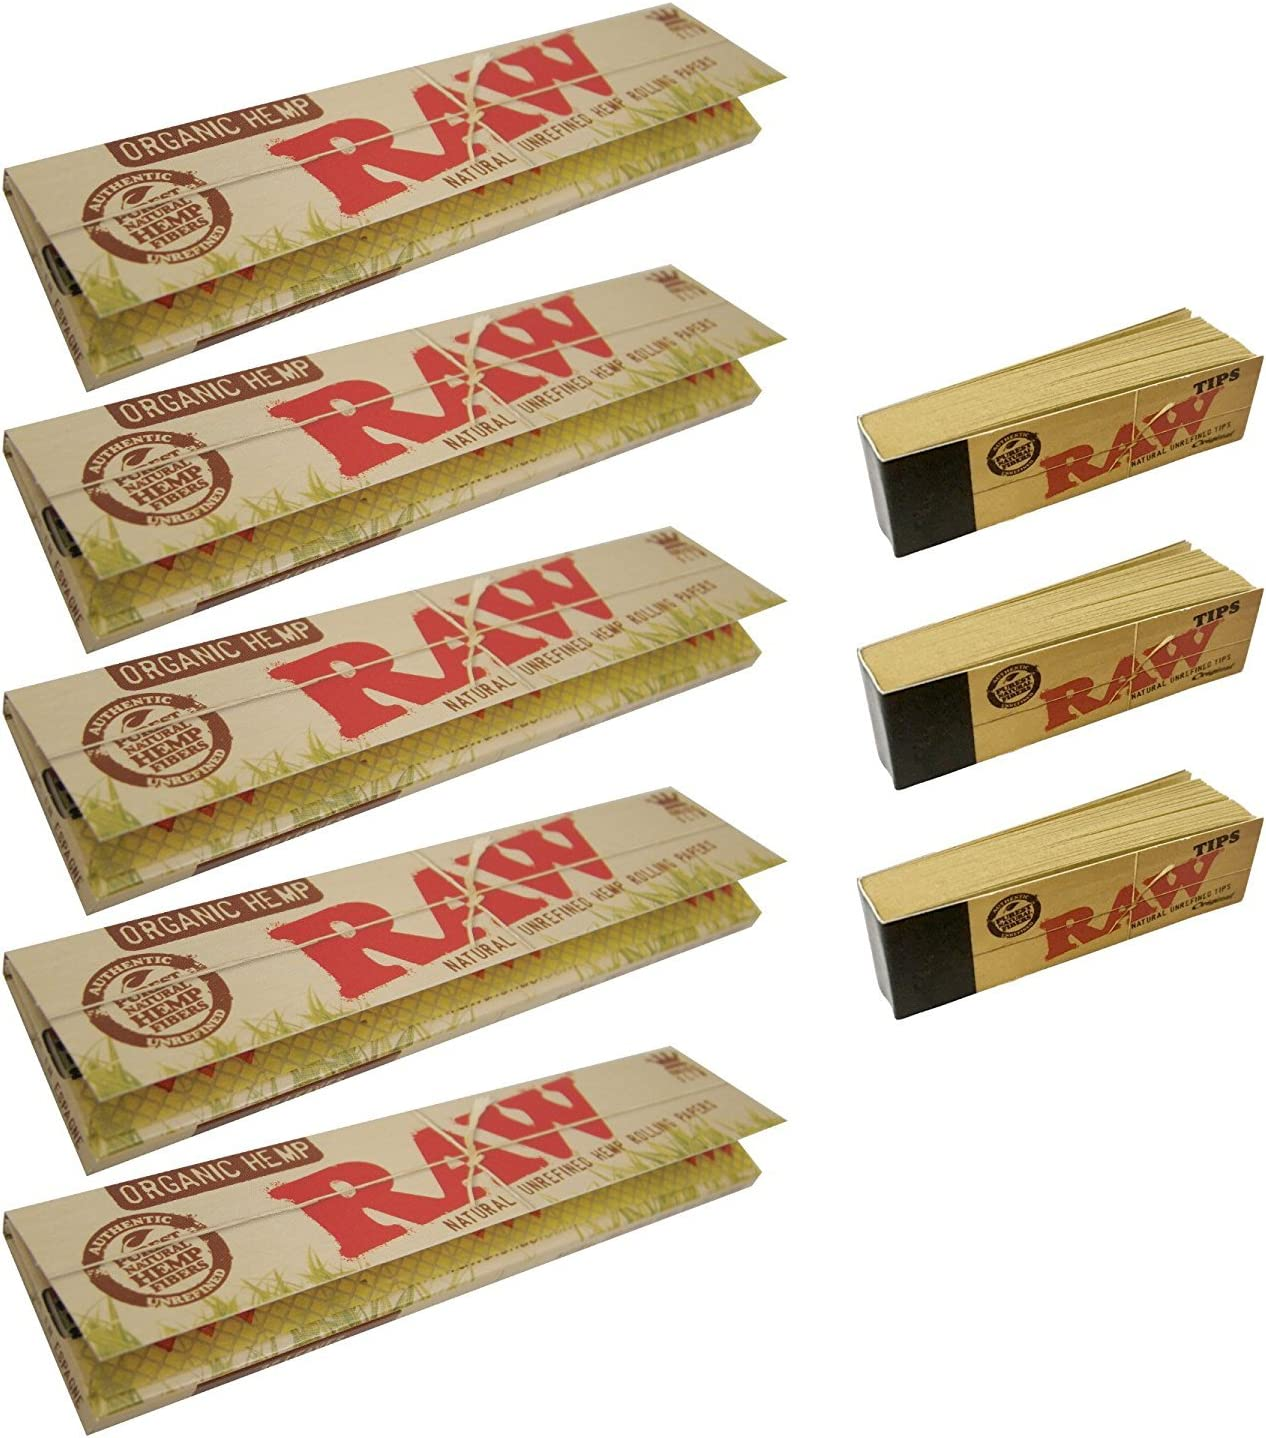 Papel de liar de Raw, tamaño «king», 5 paquetes de pape de liar y 3 libritos de puntas